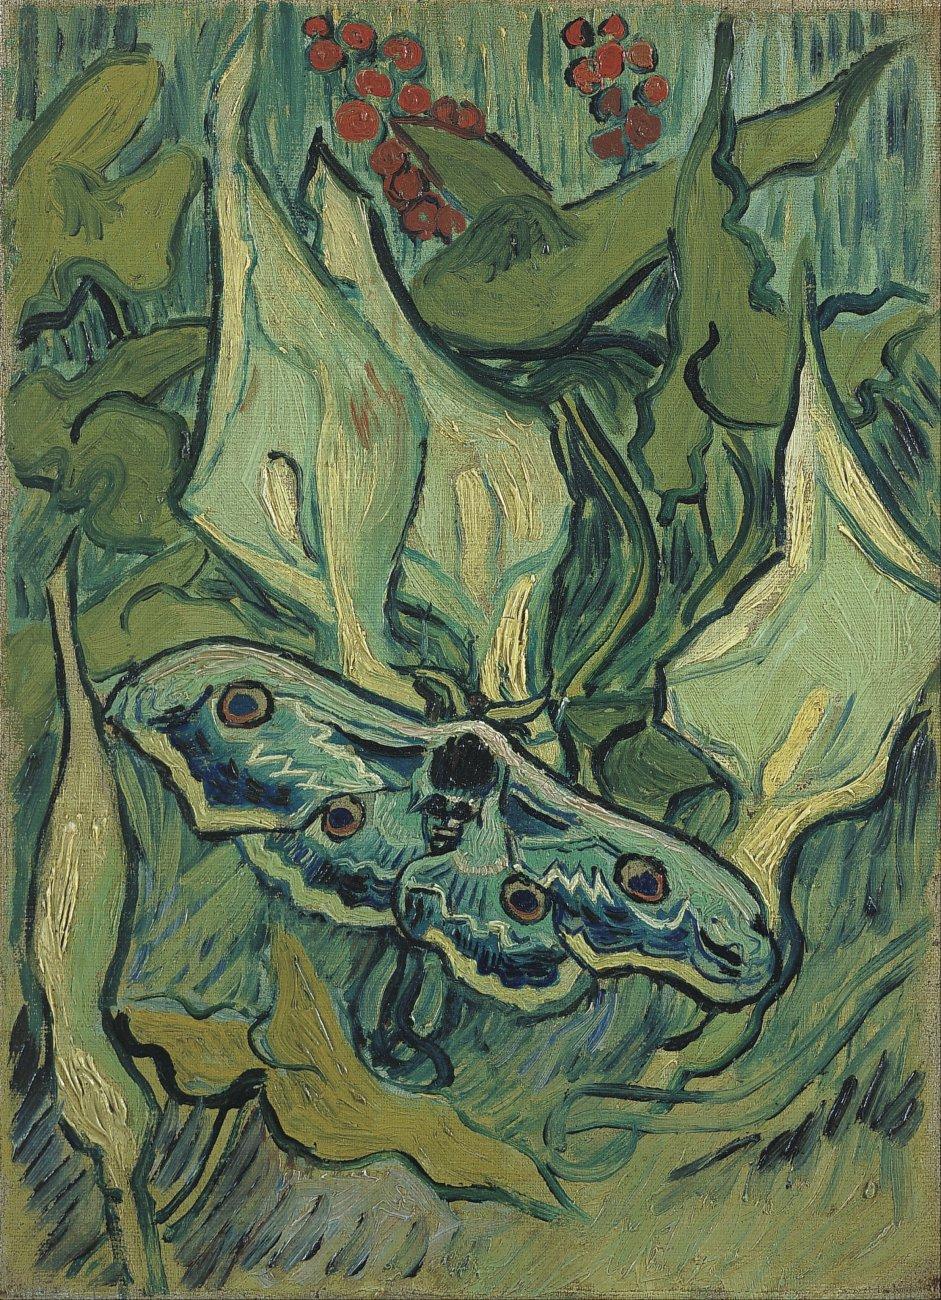 Vincent_van_Gogh_-_Emperor_moth_-_Google_Art_Project.jpg